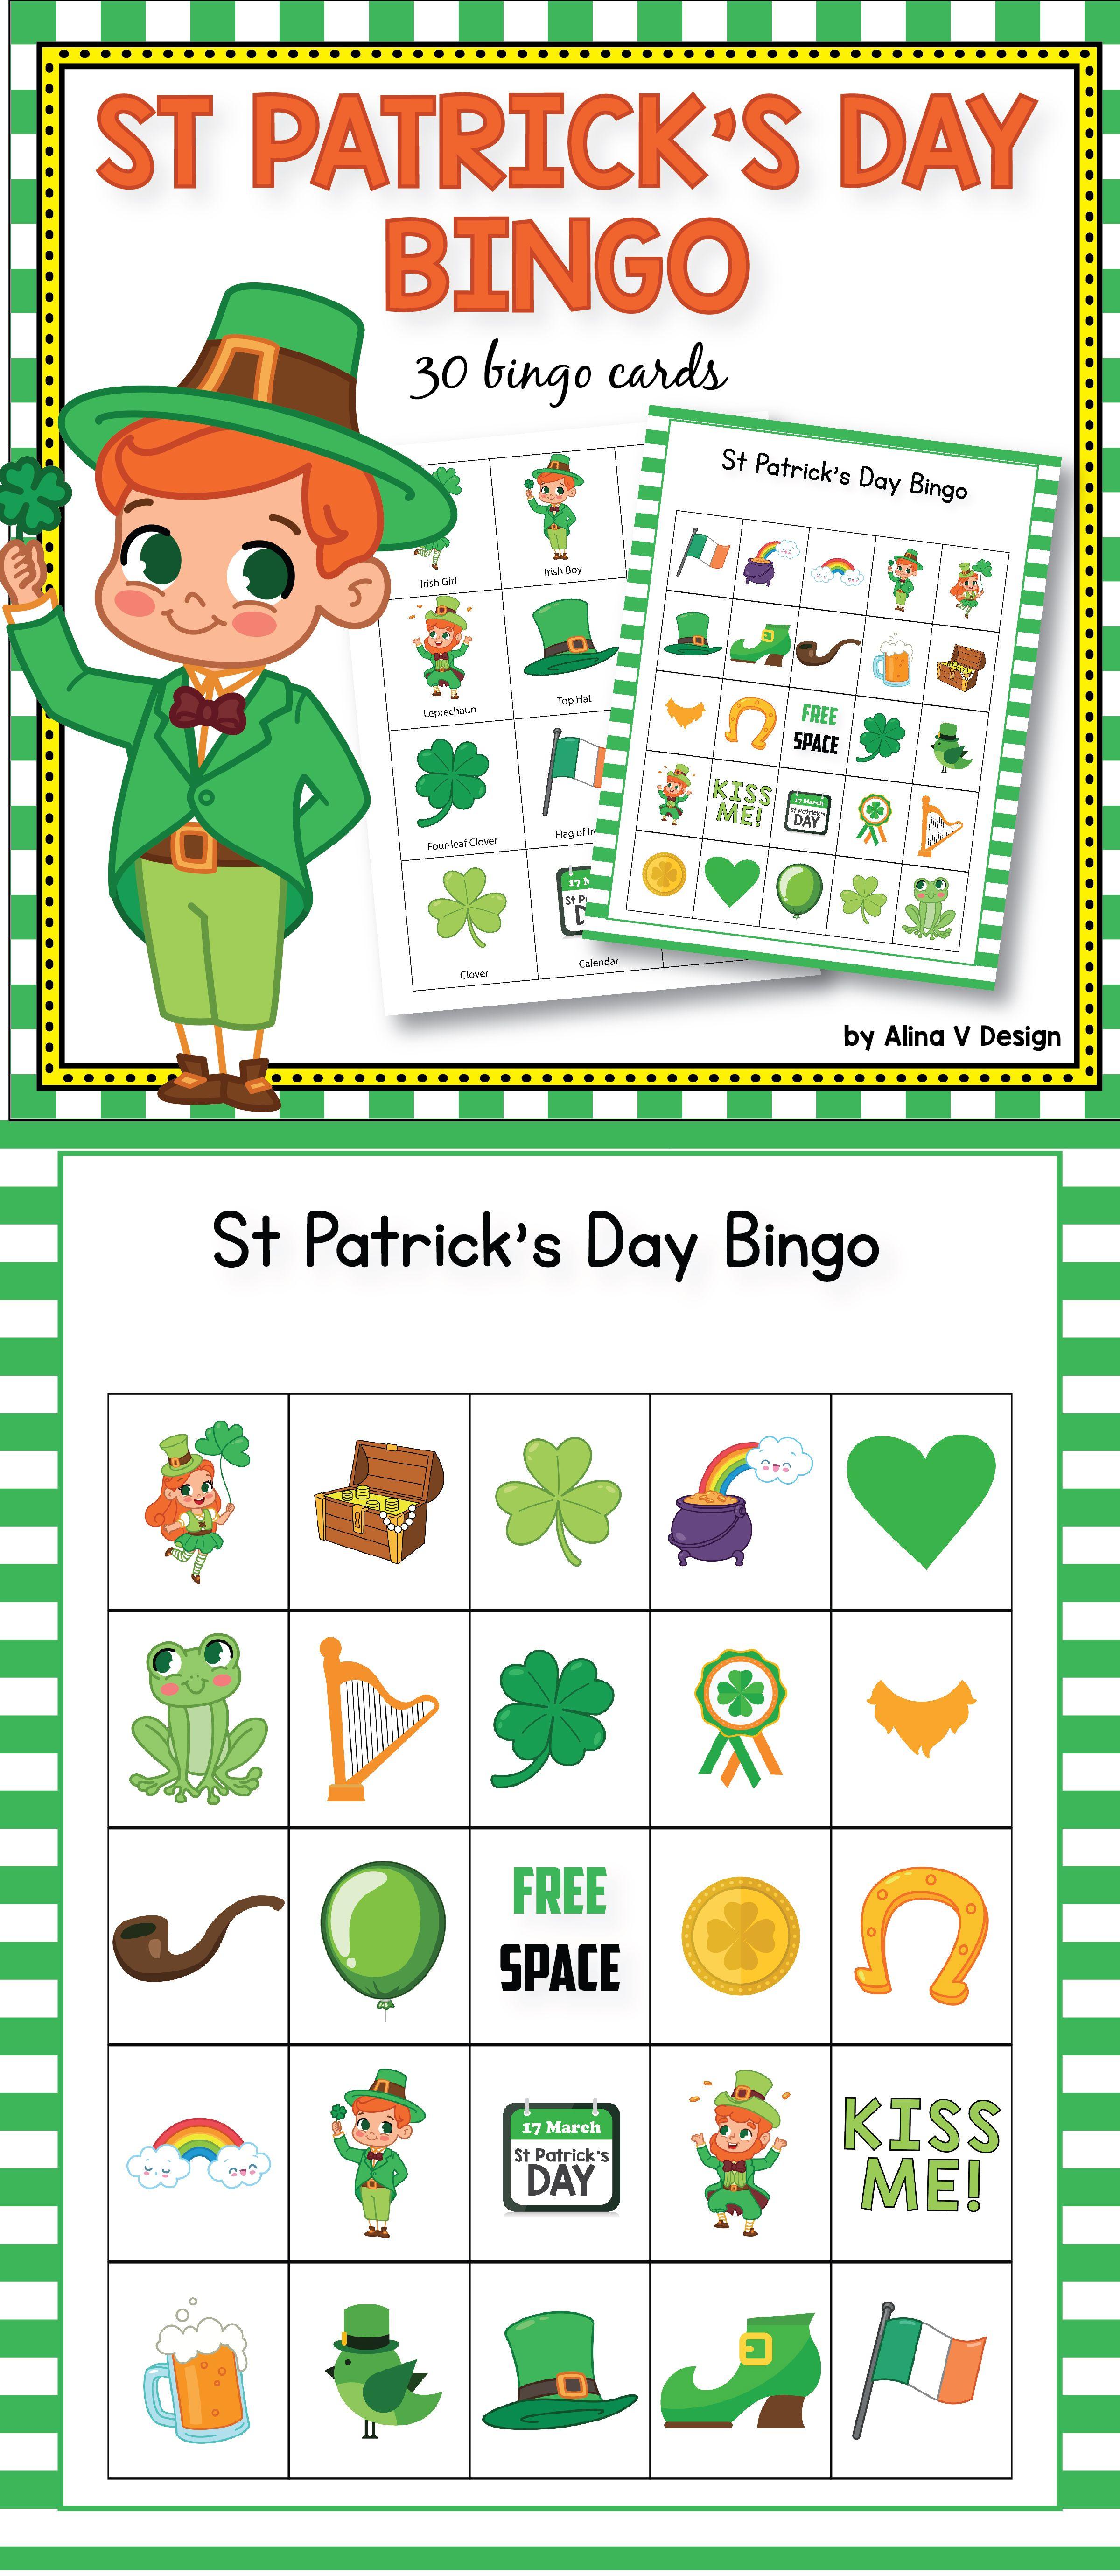 Charmant St. Patricks Day Aktivitäten Schreiben Bilder - Druckbare ...